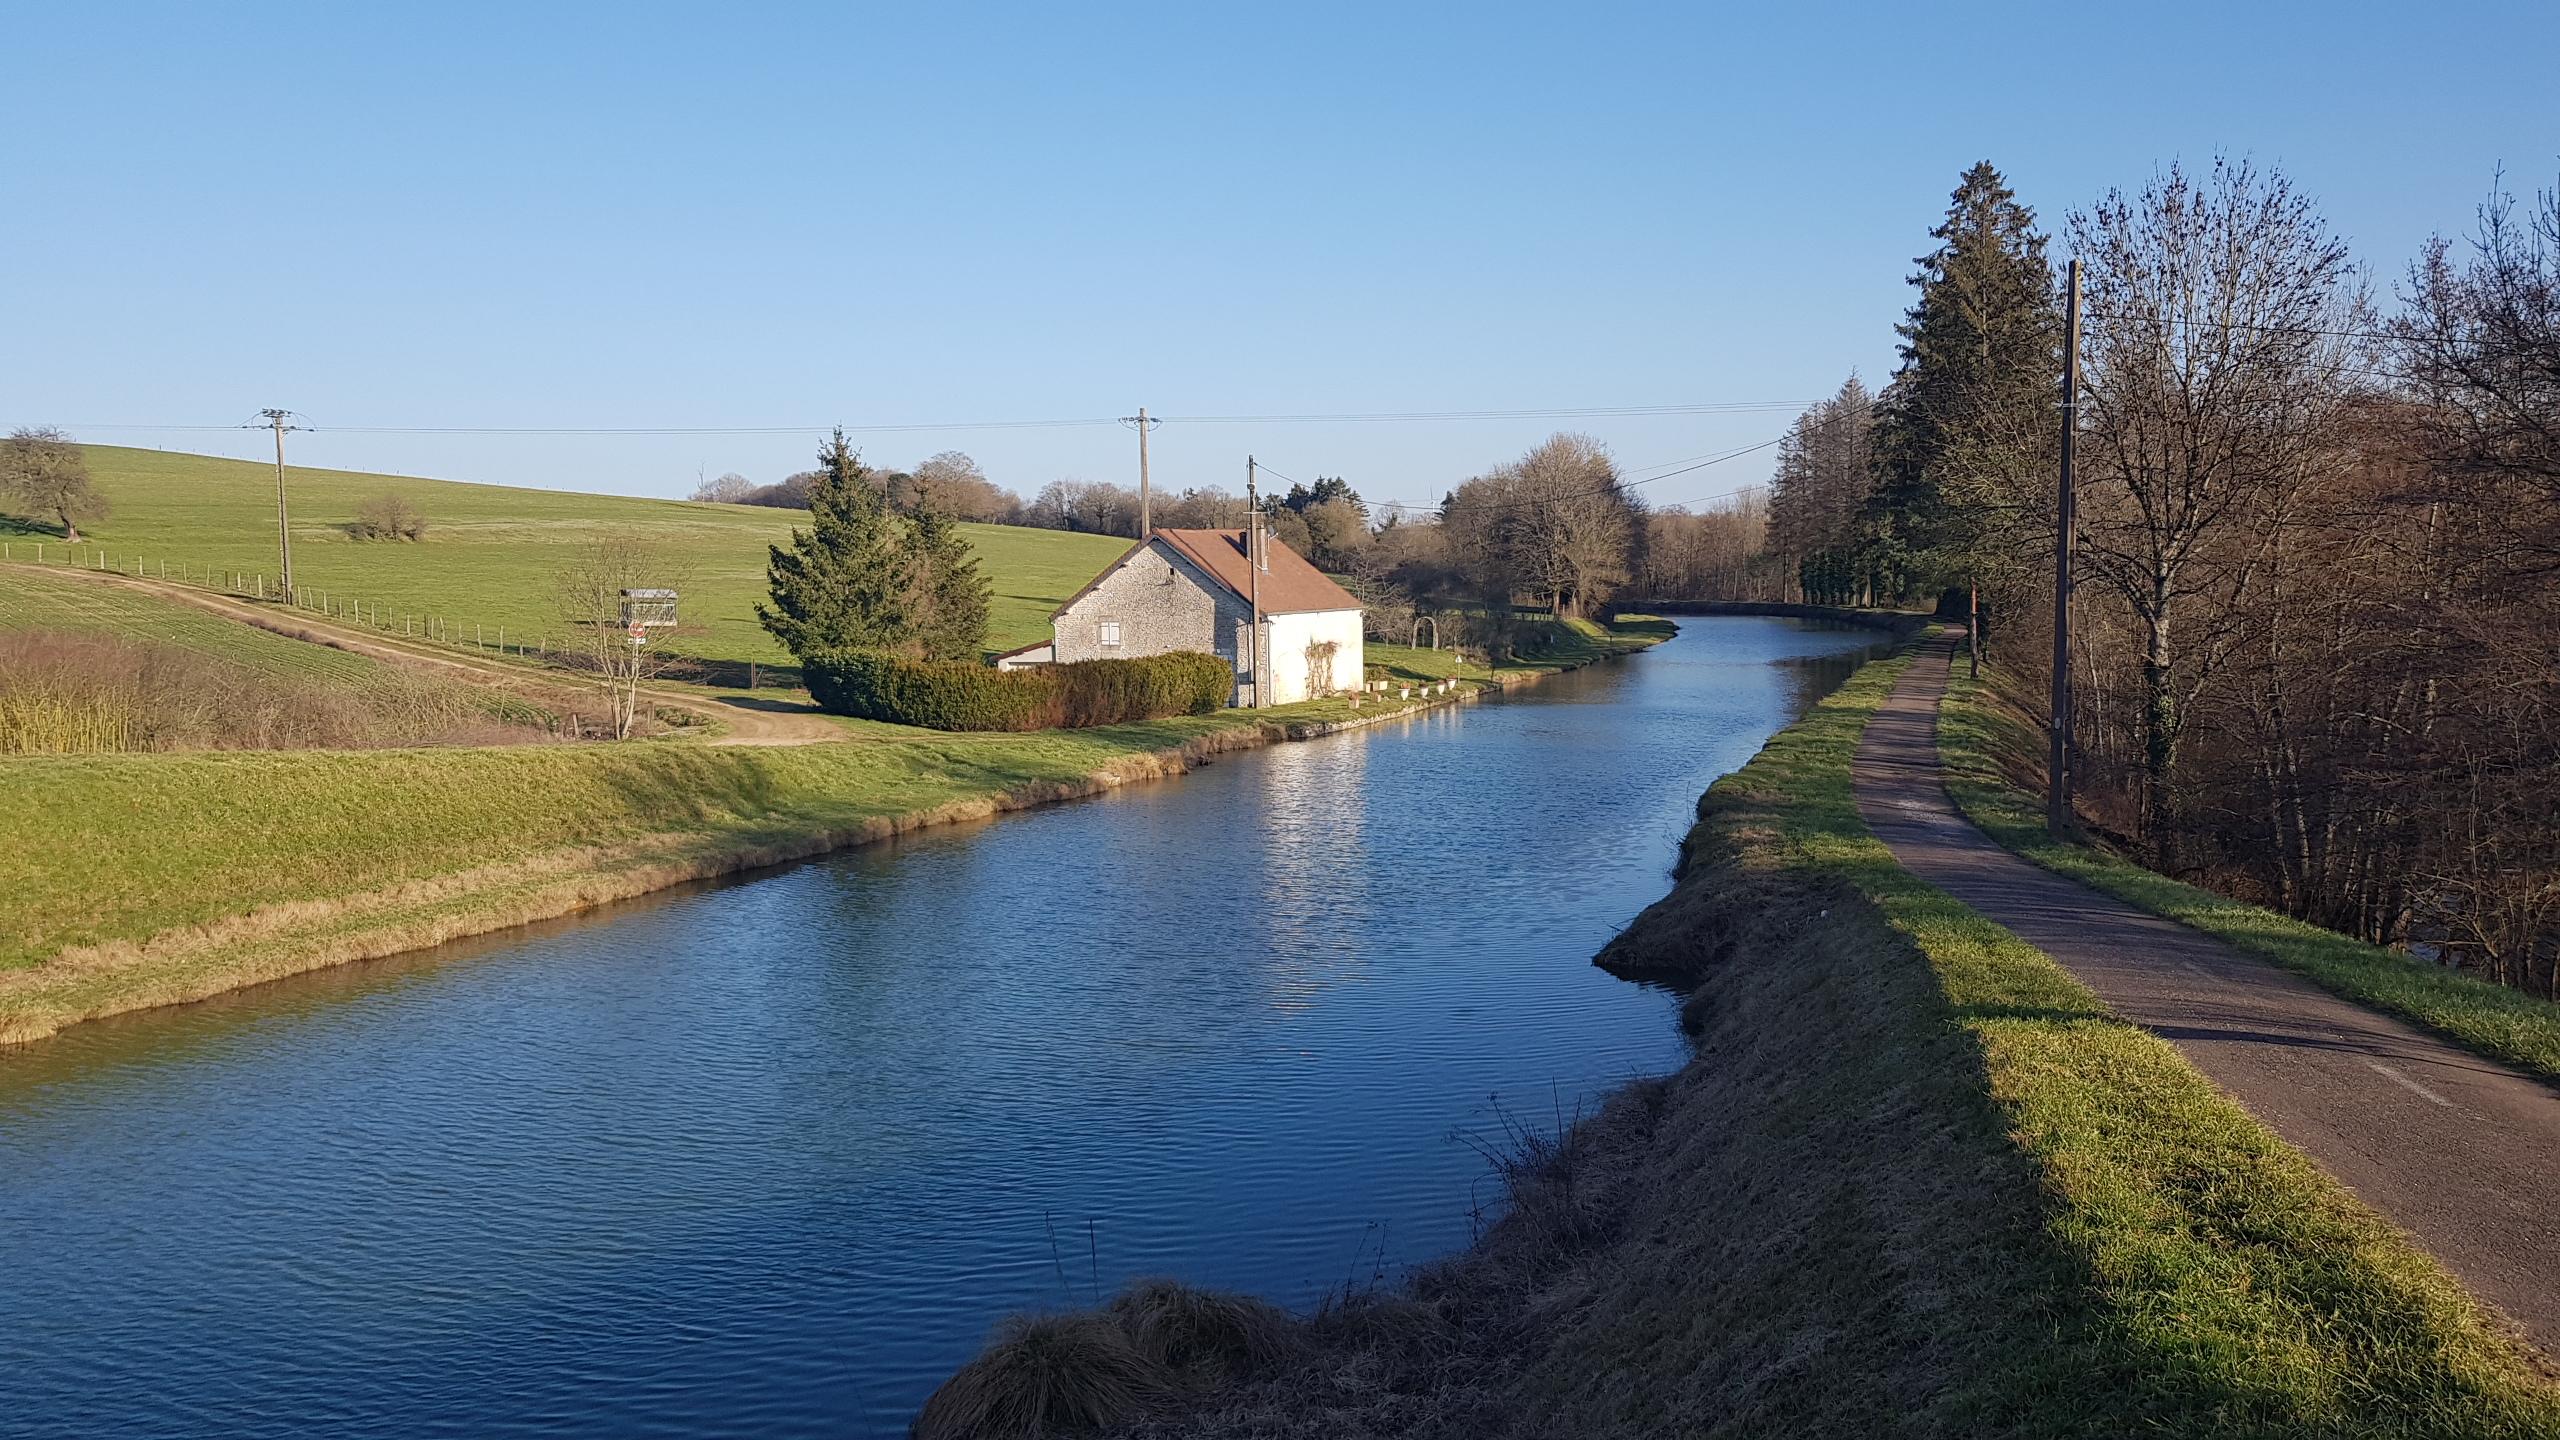 Ein romantisches Häuschen in idyllischer Lage am Kanal, alles abgeschlossen. So schade., ganz allein